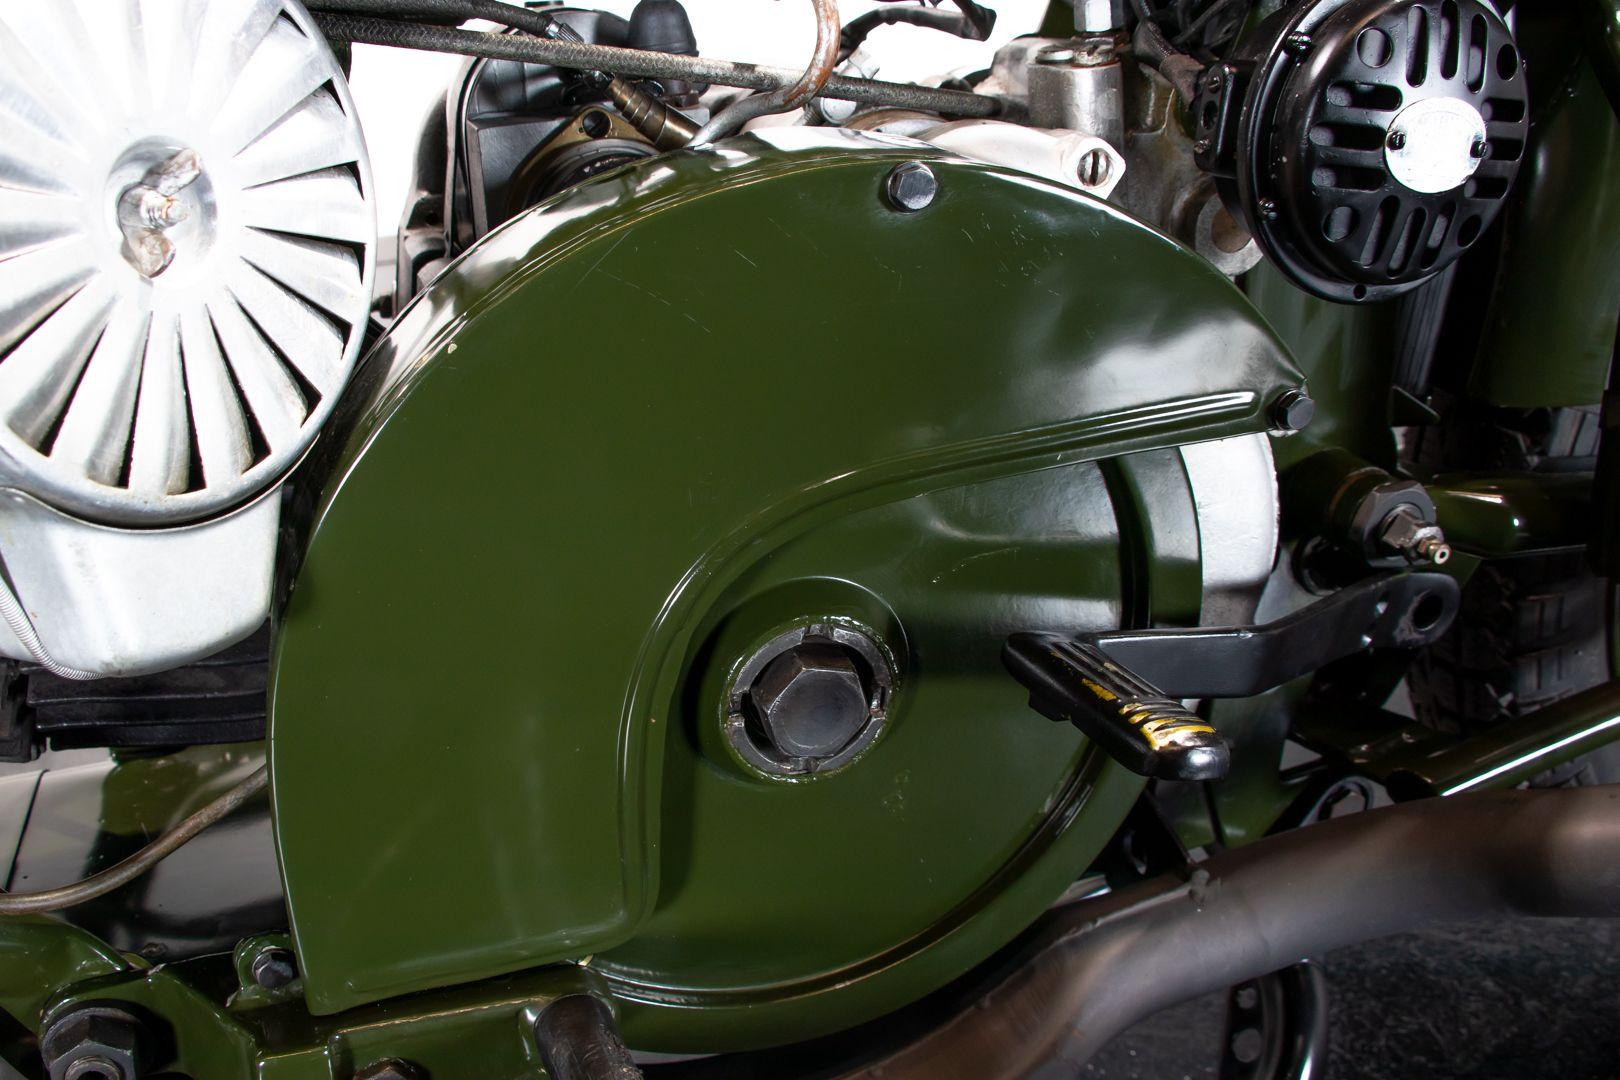 1977 Moto Guzzi 500 Super Alce 59445